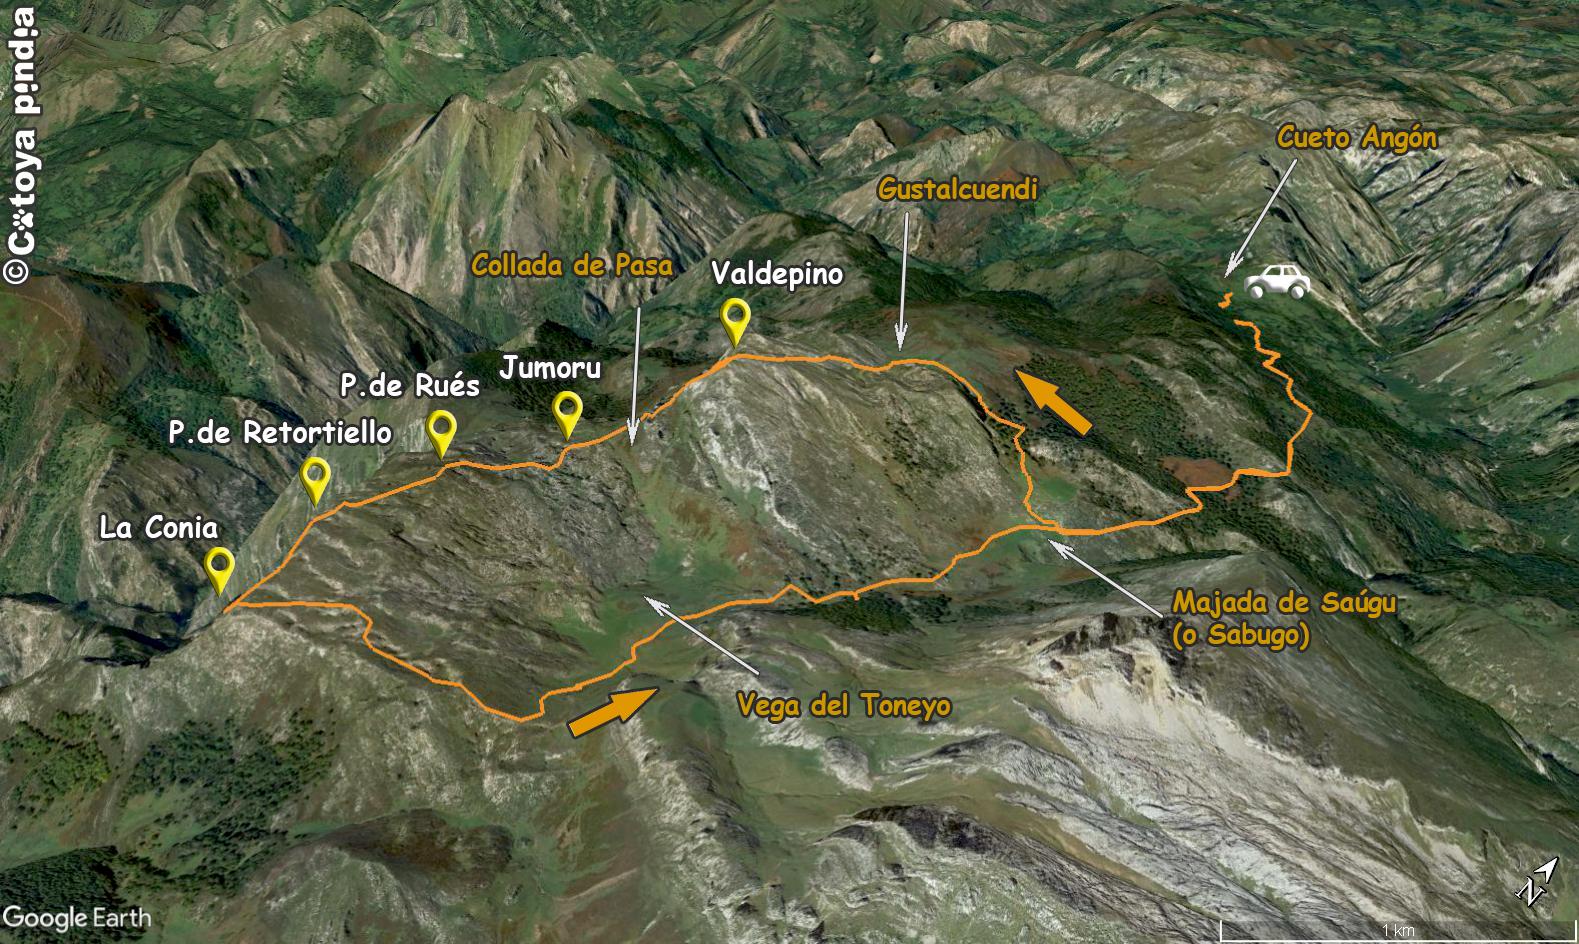 Mapa 3D de la ruta a la Porra de Valdepino y La Conia por la Senda del Arcediano.